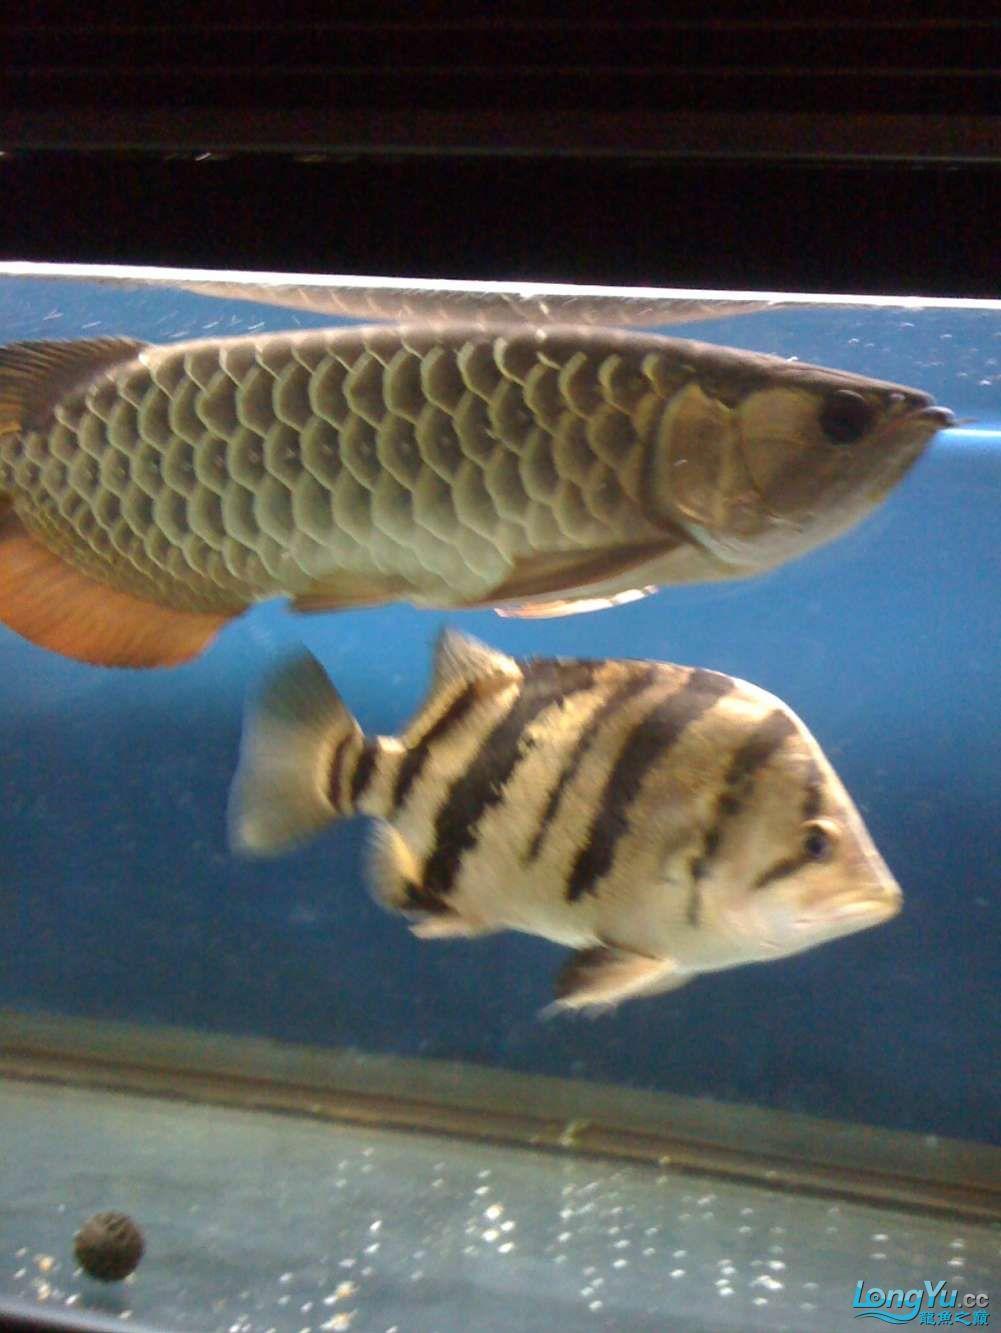 【西安朱巴利】我的小金 西安观赏鱼信息 西安博特第3张